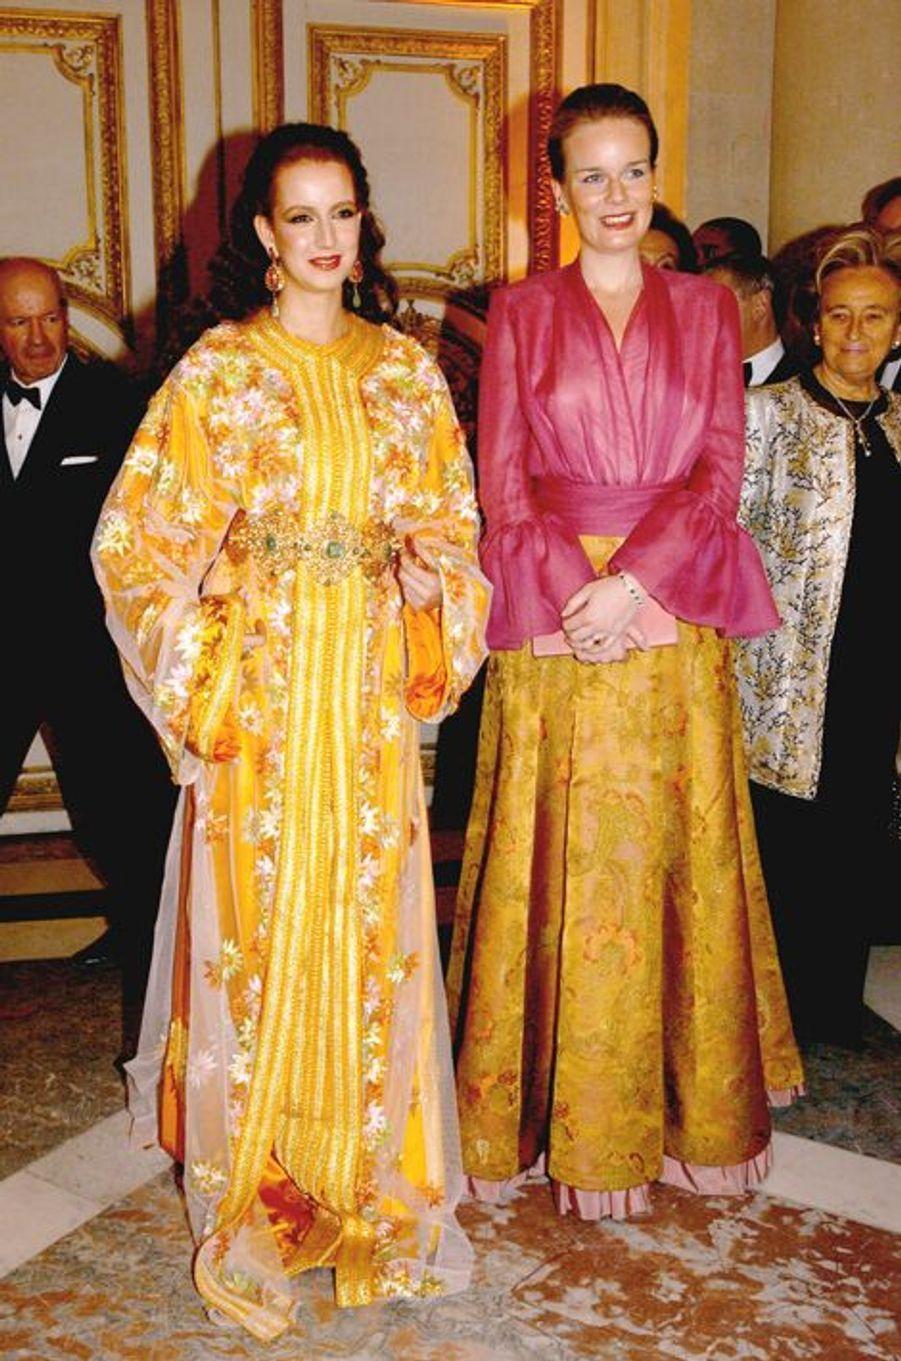 Les princesses Lalla Salma du Maroc et Mathilde de Belgique au château de Versailles, le 8 décembre 2003